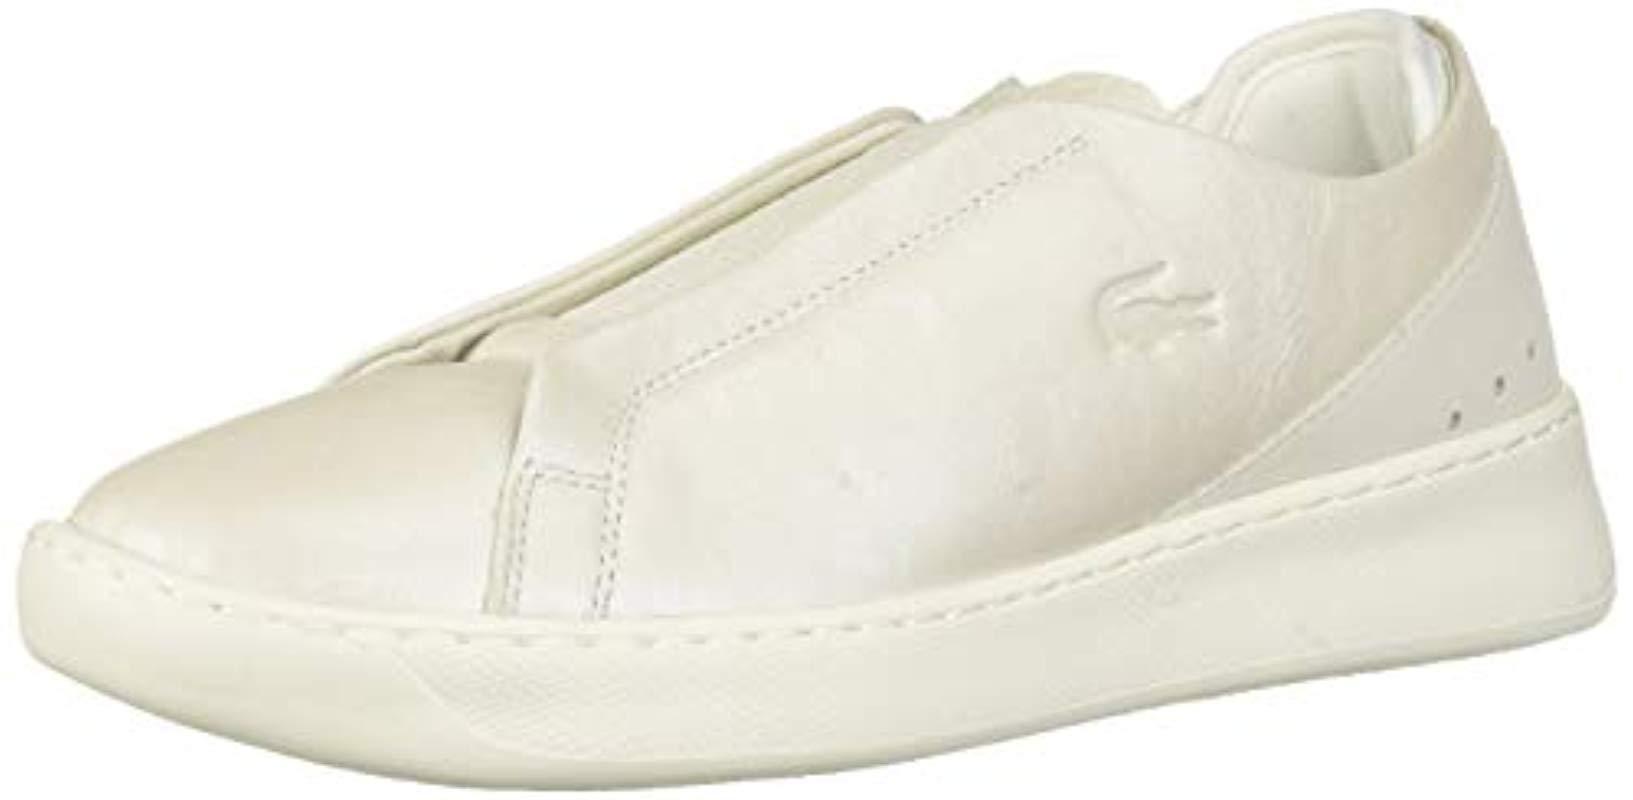 Lacoste Eyyla Sneaker in White - Save